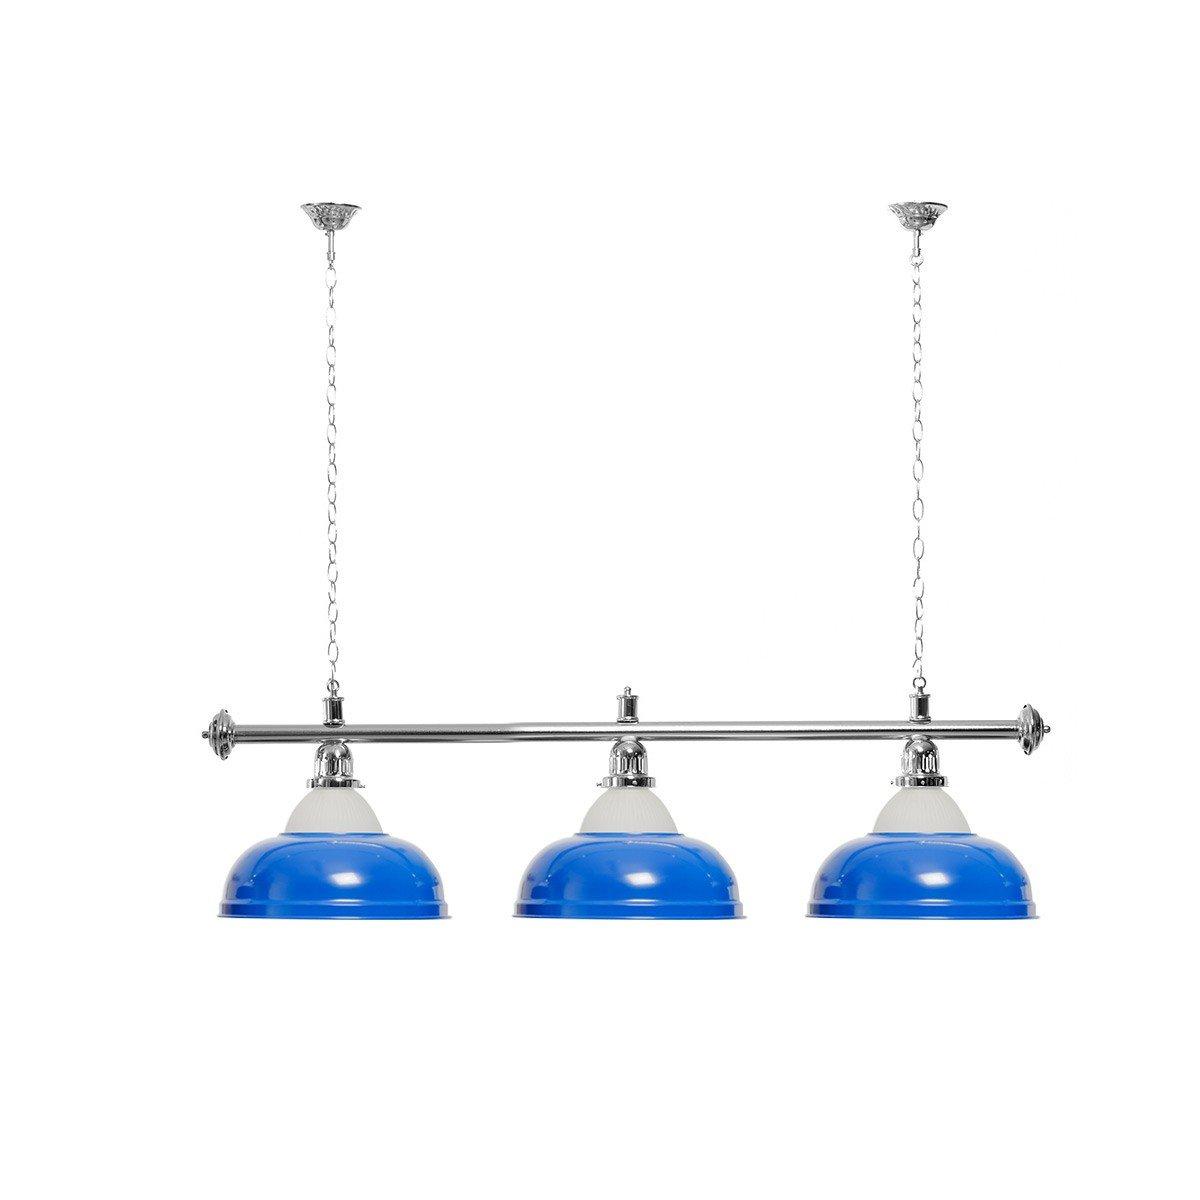 Billardlampe 3 Schirme blau mit Glas silberfarbene Halterung